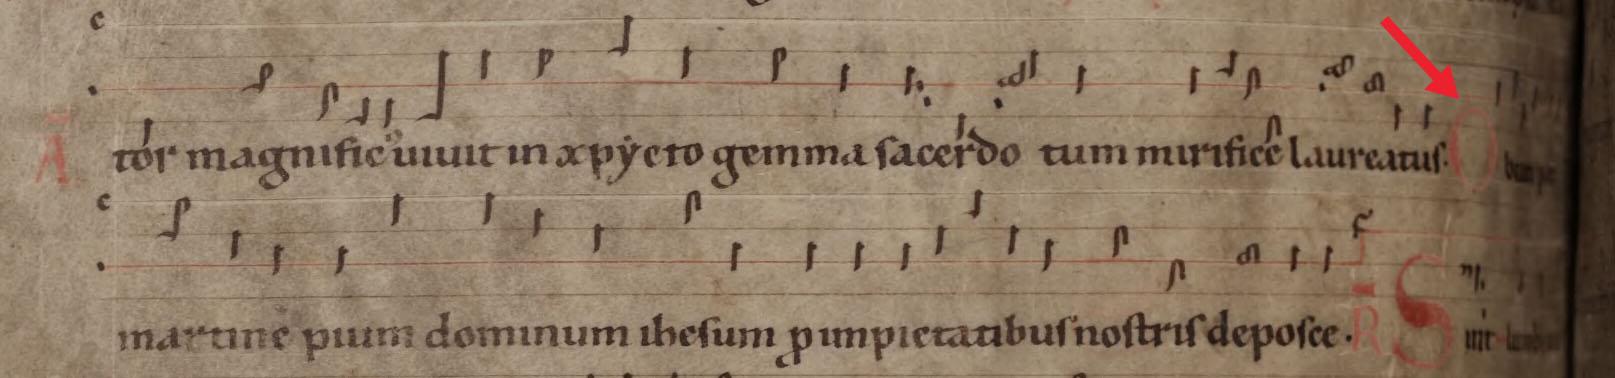 obeatepater-manuscript